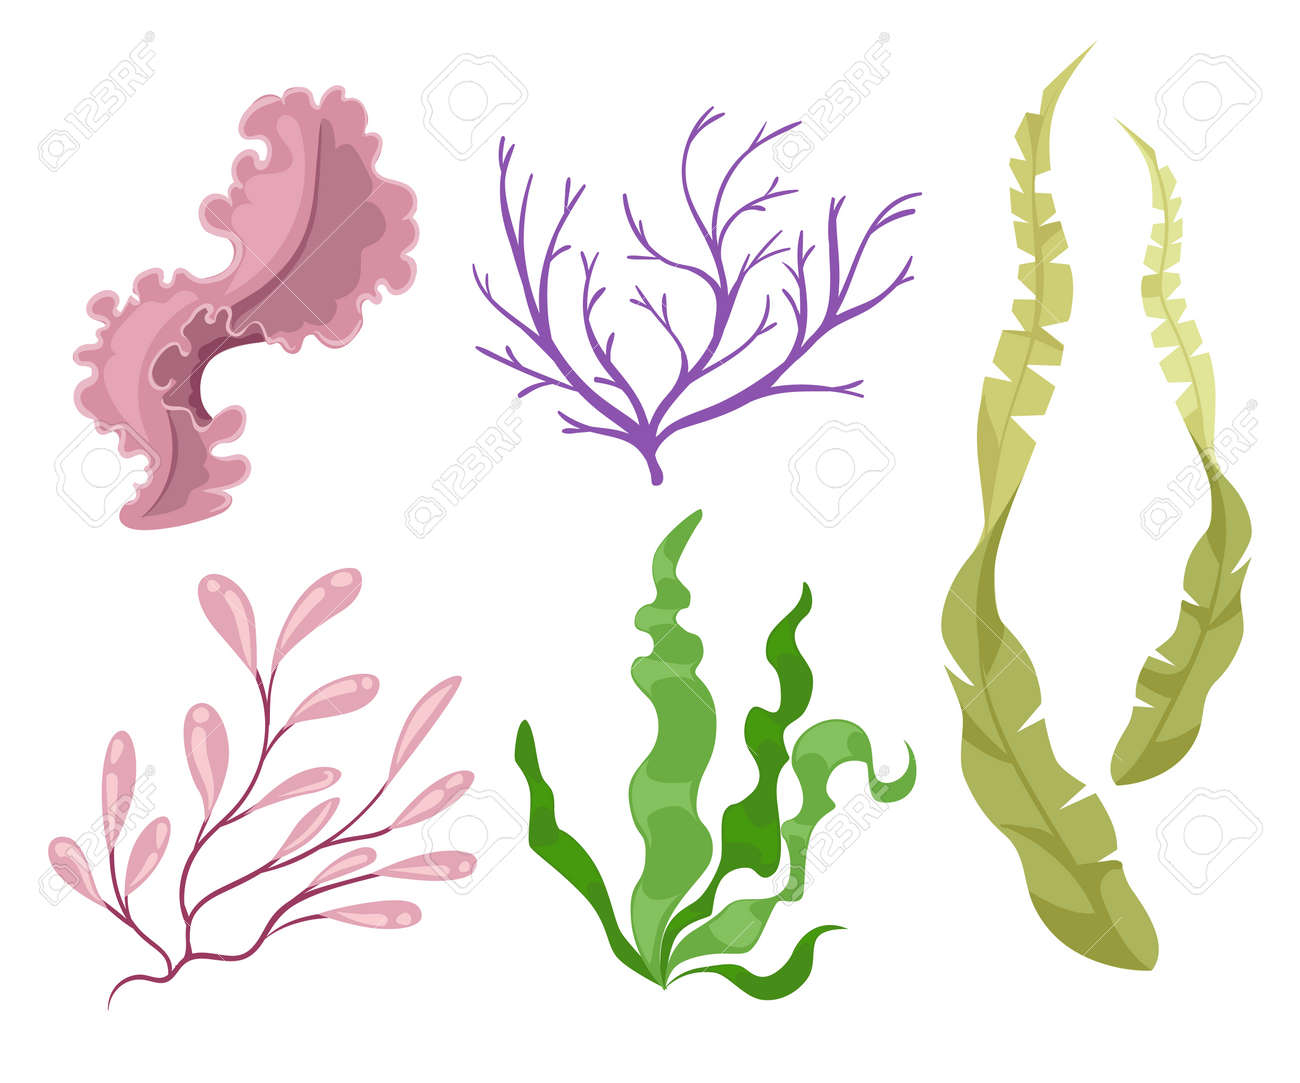 sea plants and aquatic marine algae seaweed set vector illustration rh 123rf com seaweed vector art seaweed vector images